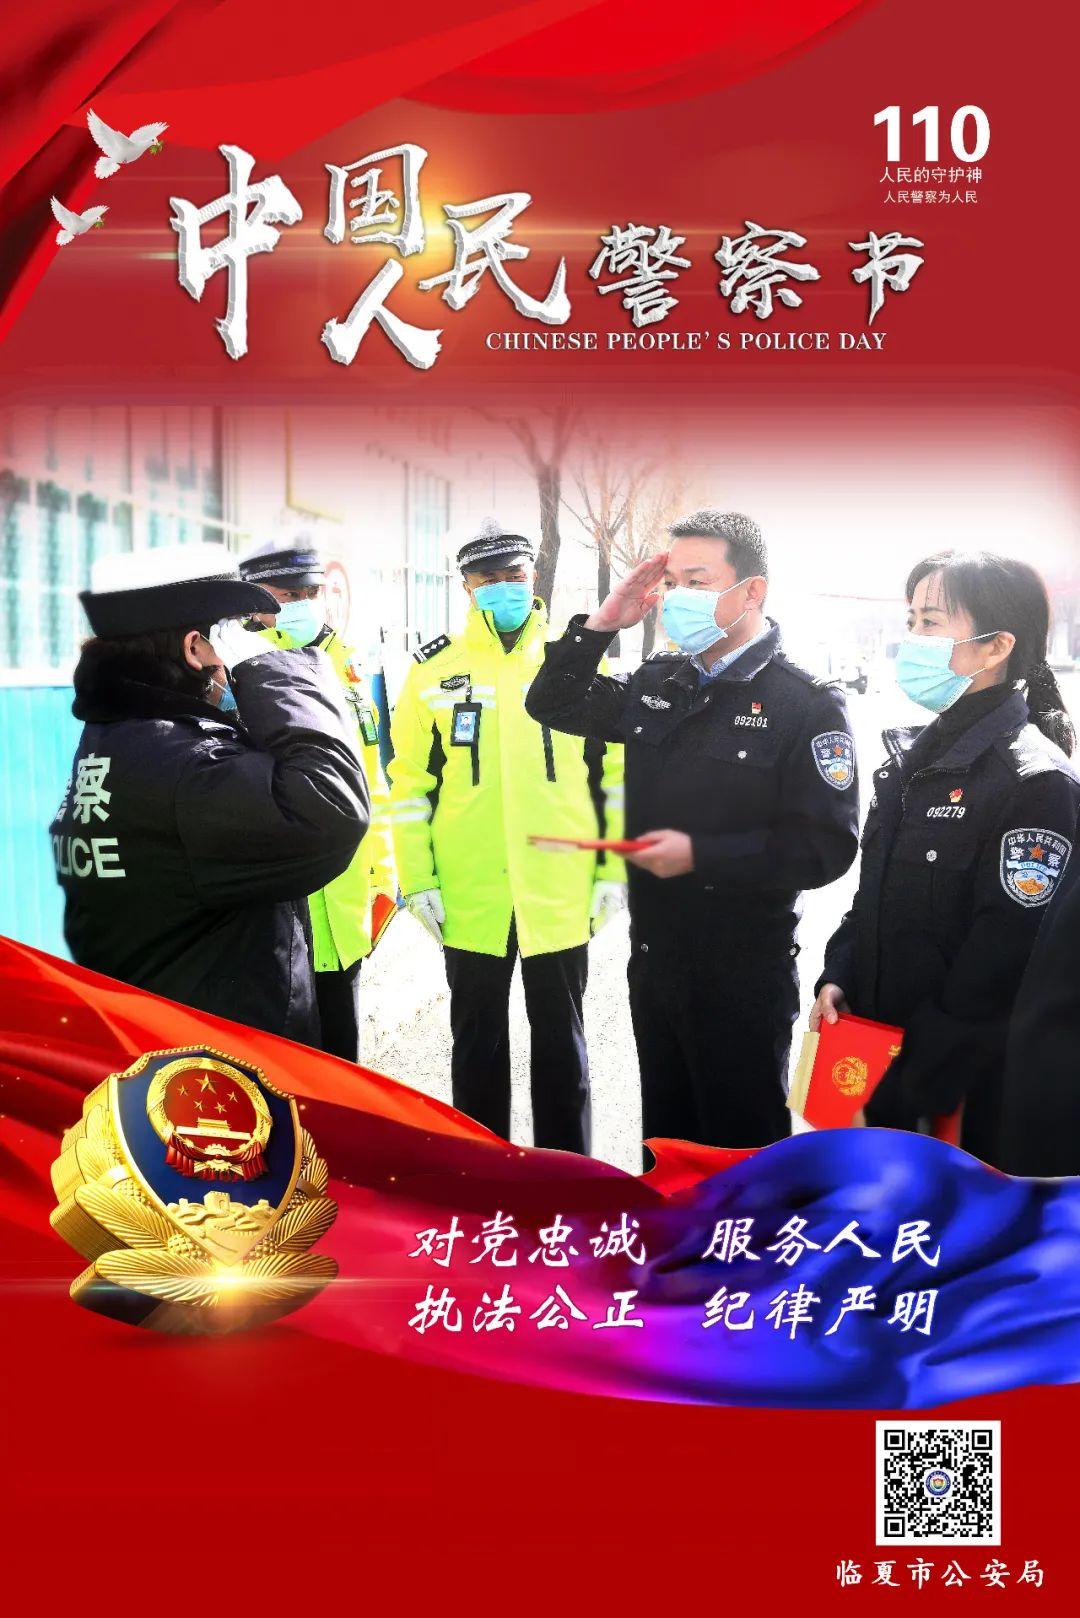 【 你好,警察节】临夏市公安原创海报来了